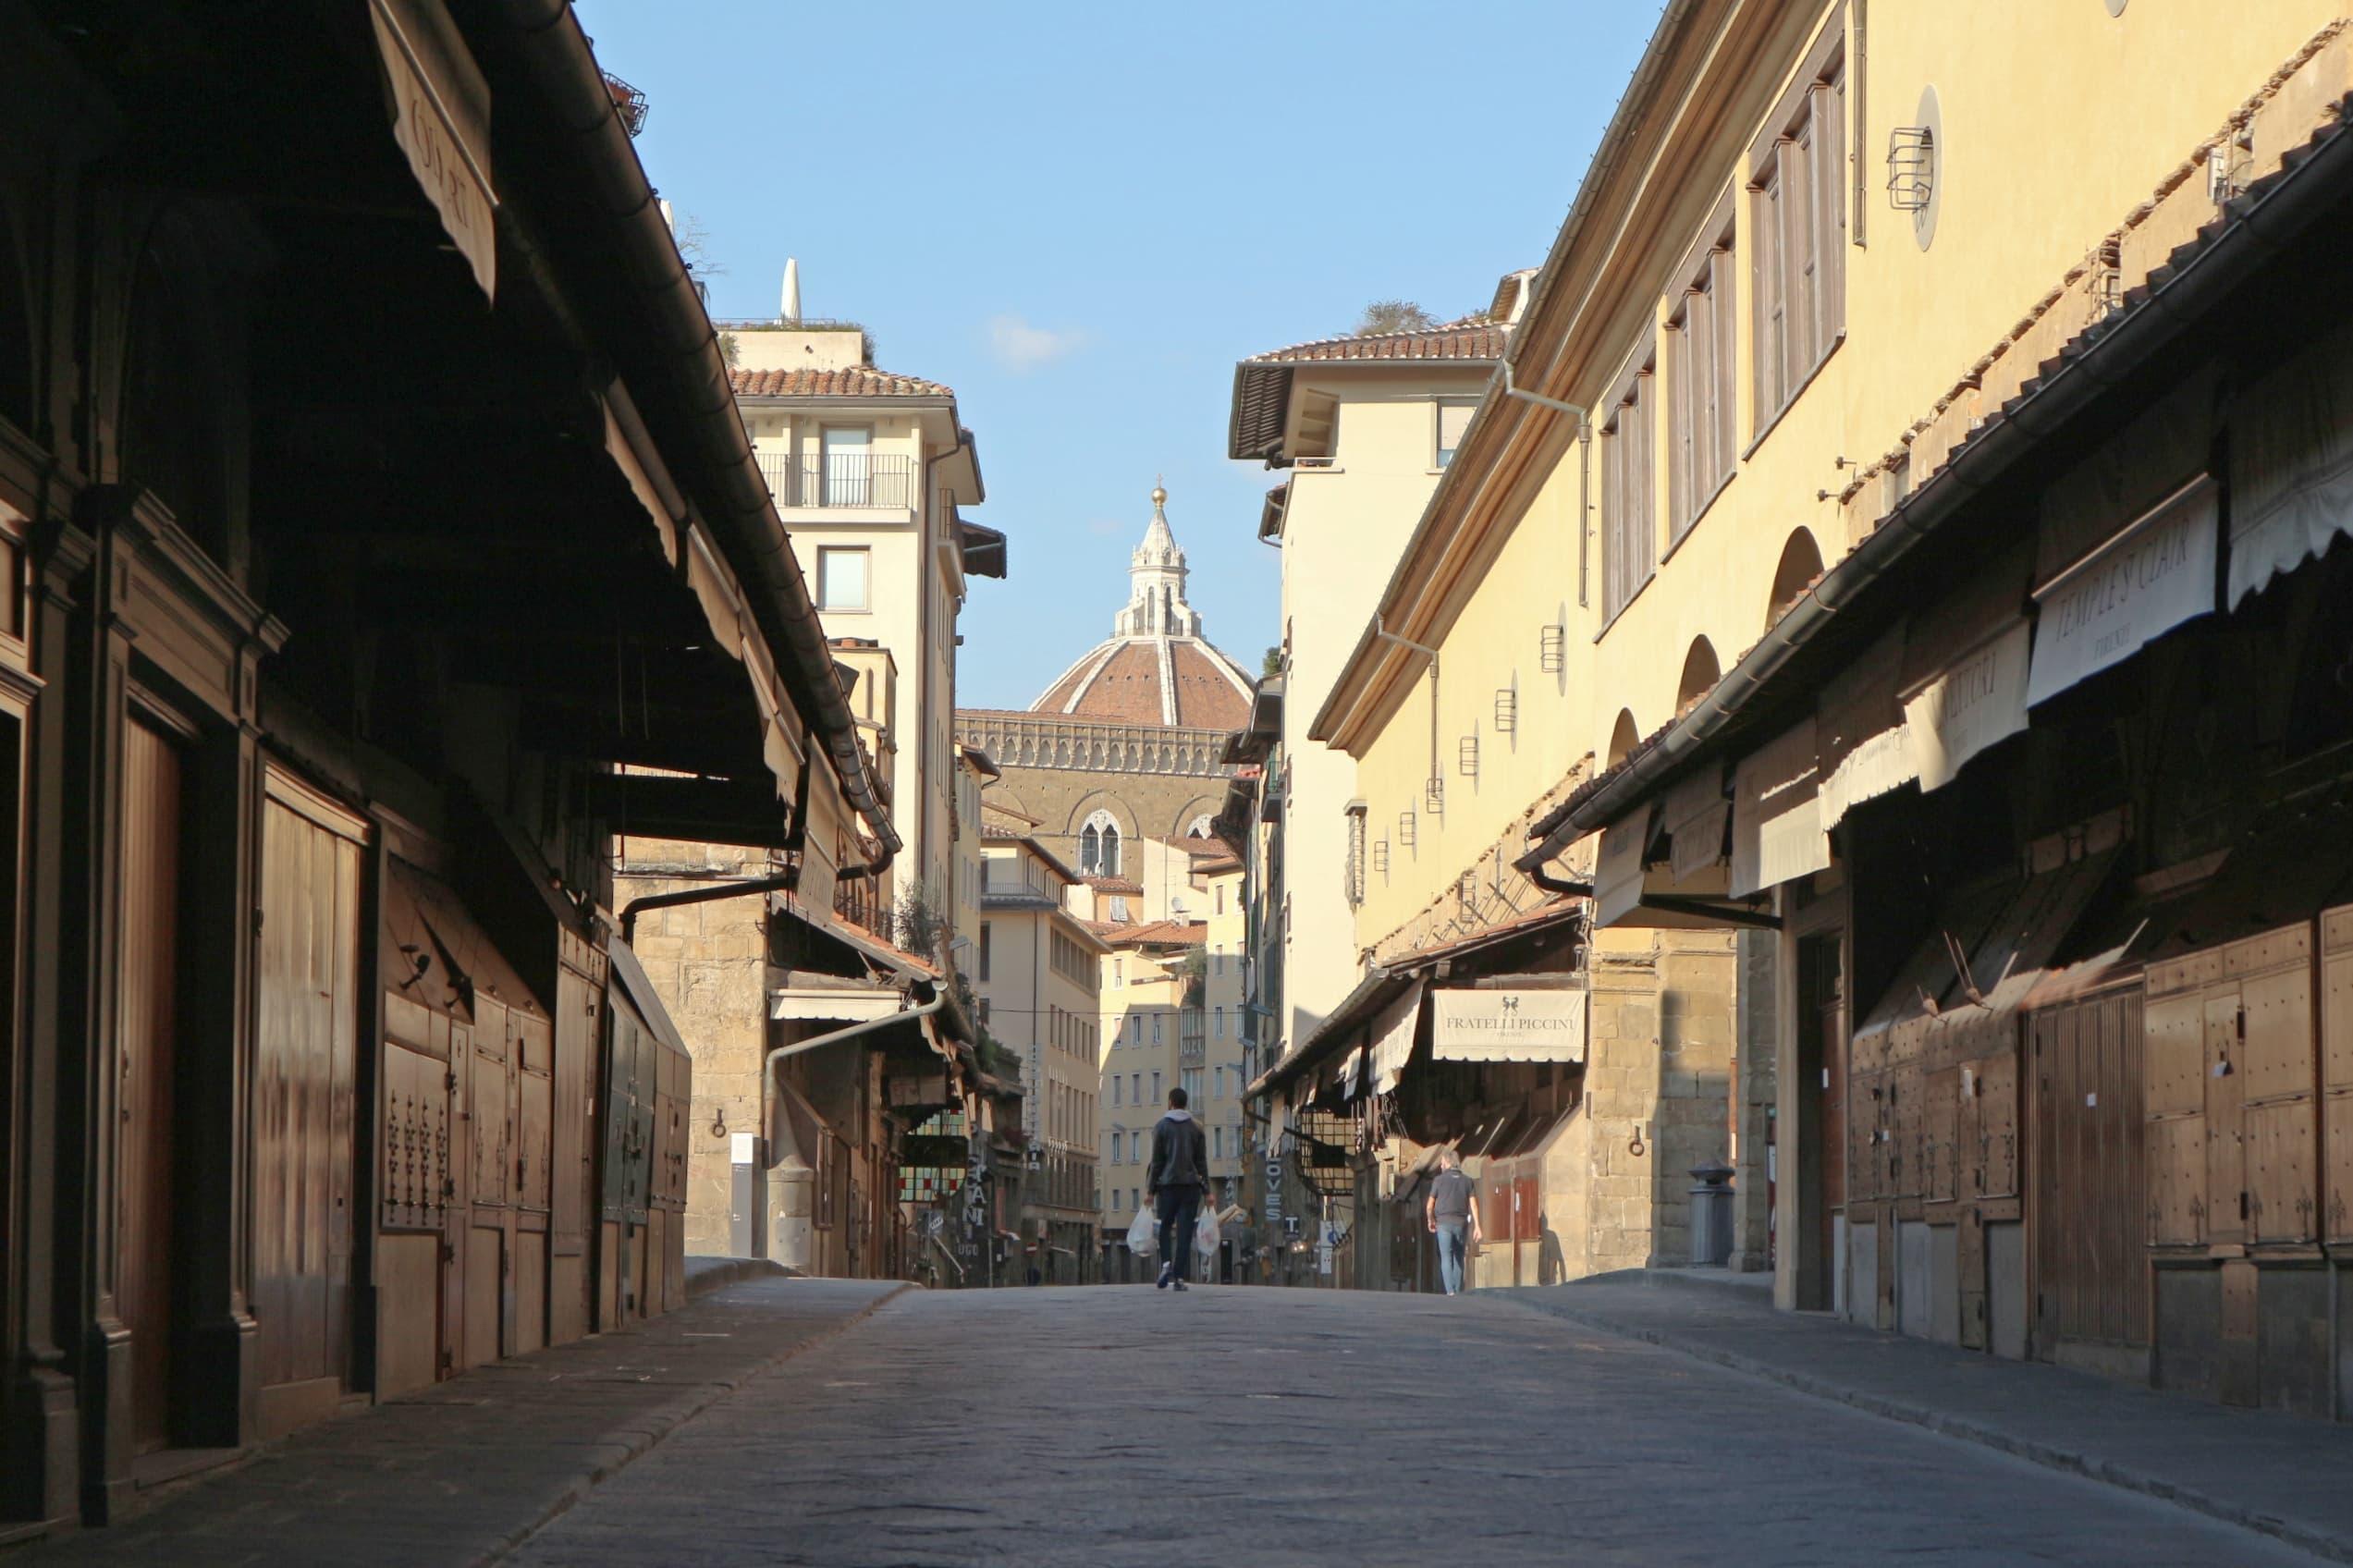 誰もいなくなったフィレンツェの街